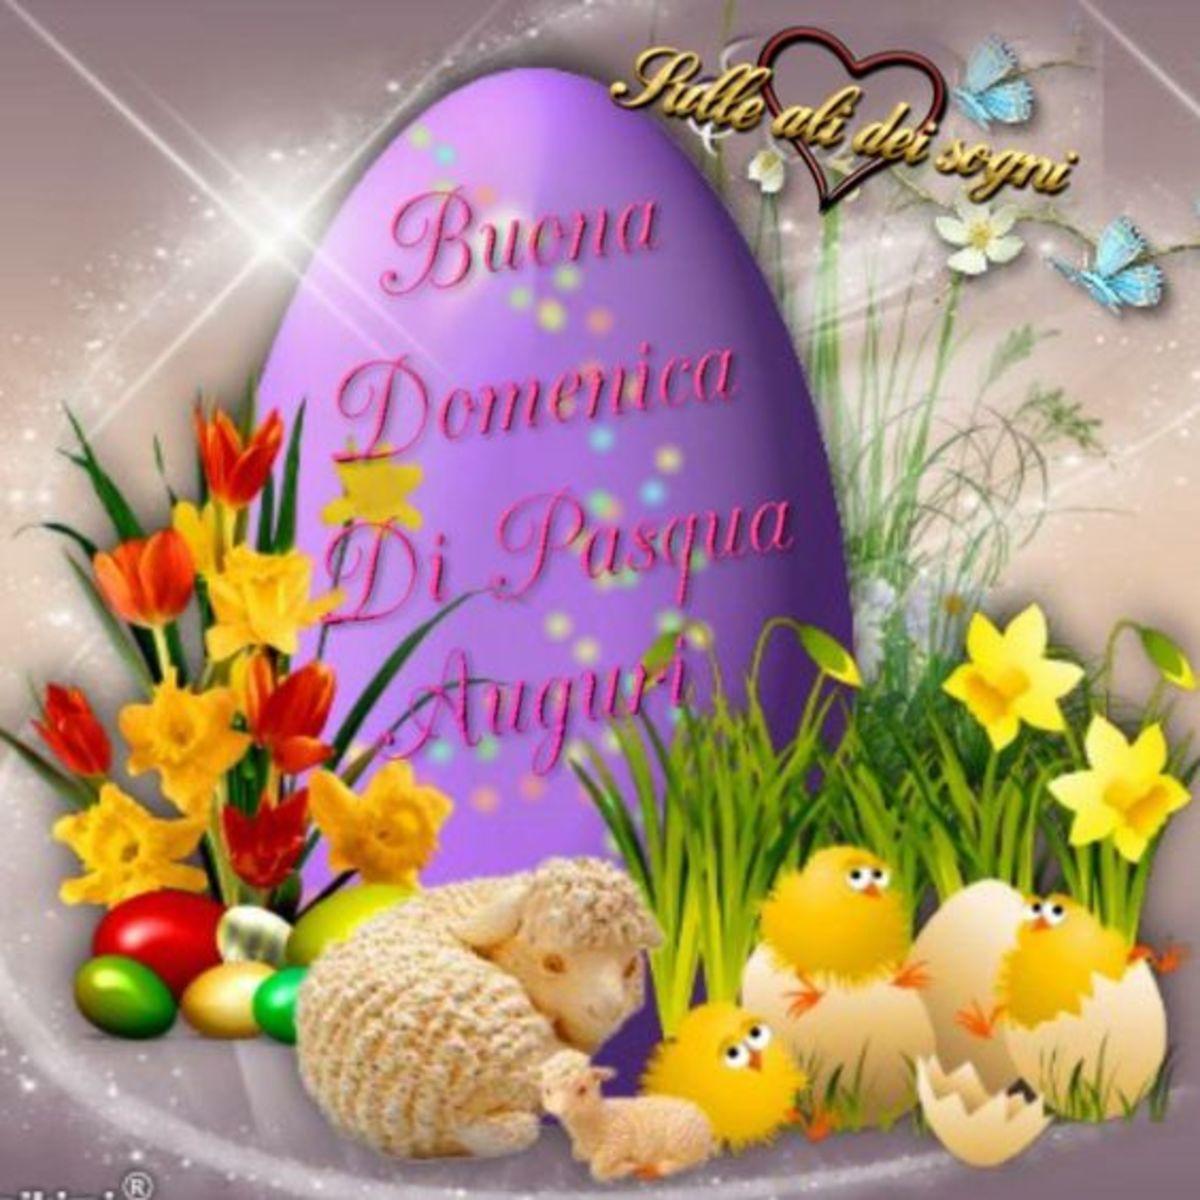 Buona Pasqua Google immagini 60